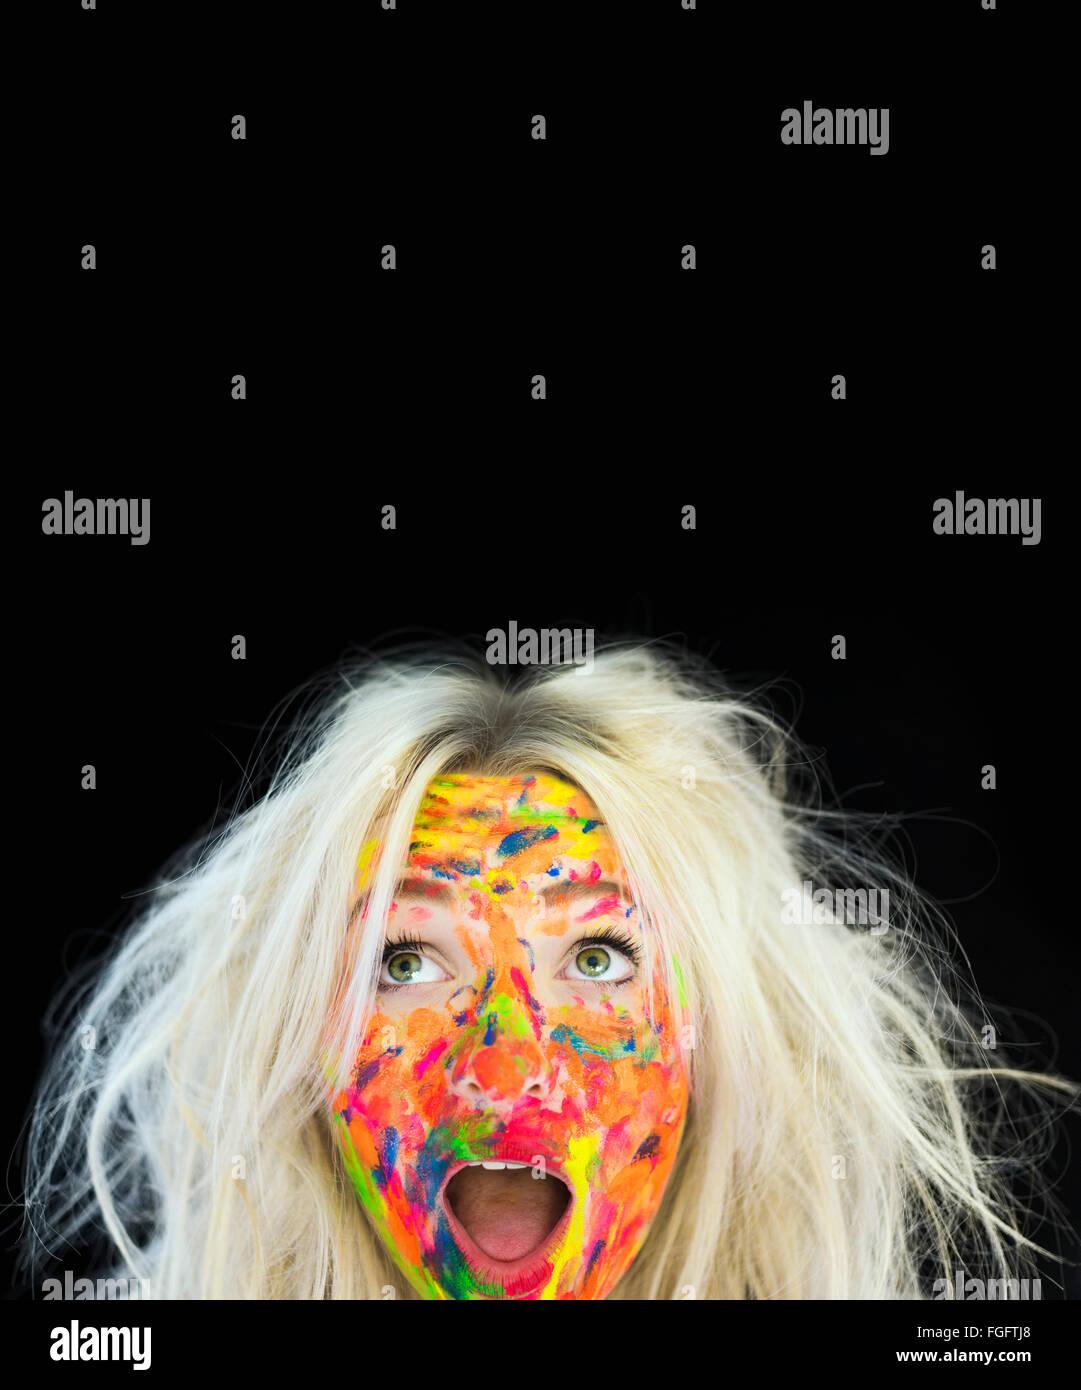 Femme aux cheveux blonds en désordre et le visage couvert de peinture multicolores avec une expression surprise Photo Stock